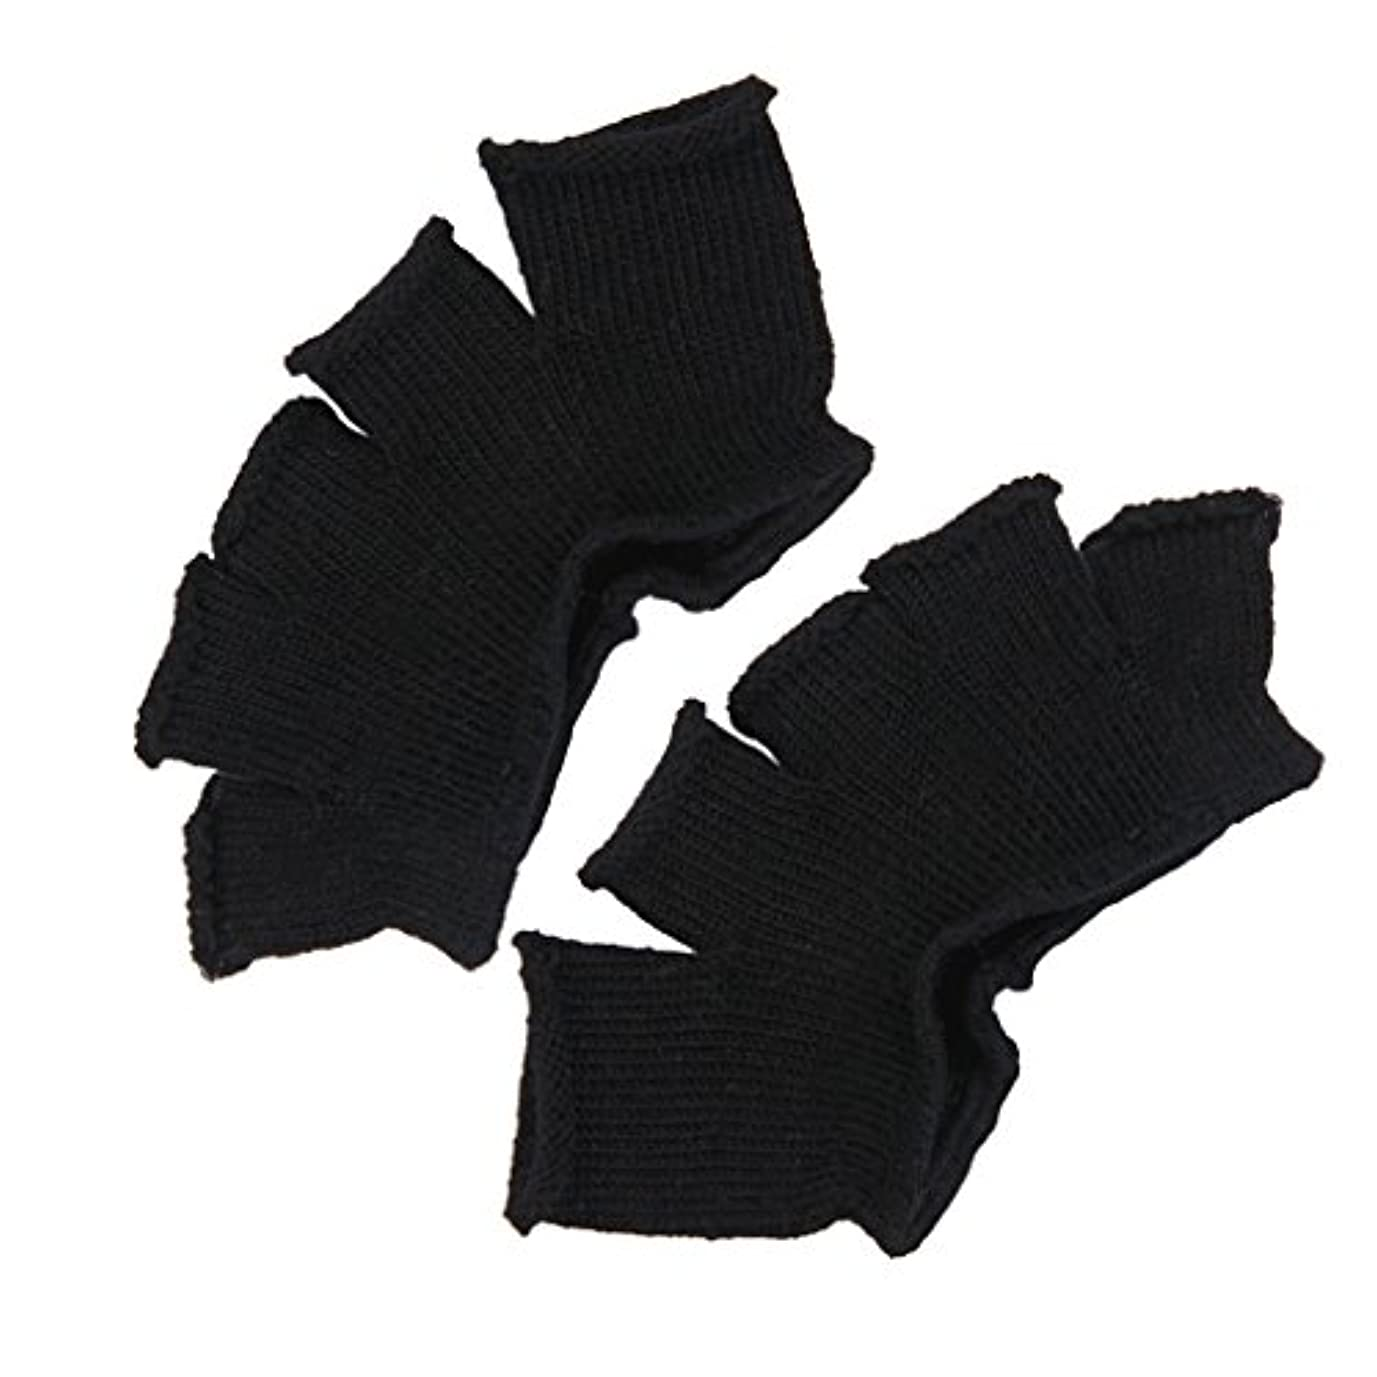 曇った慰め準備するFootful 5本指カバー 爽快指の間カバー 2枚組 男女兼用 足の臭い対策 抗菌 防臭 フットカバー (ブラック)